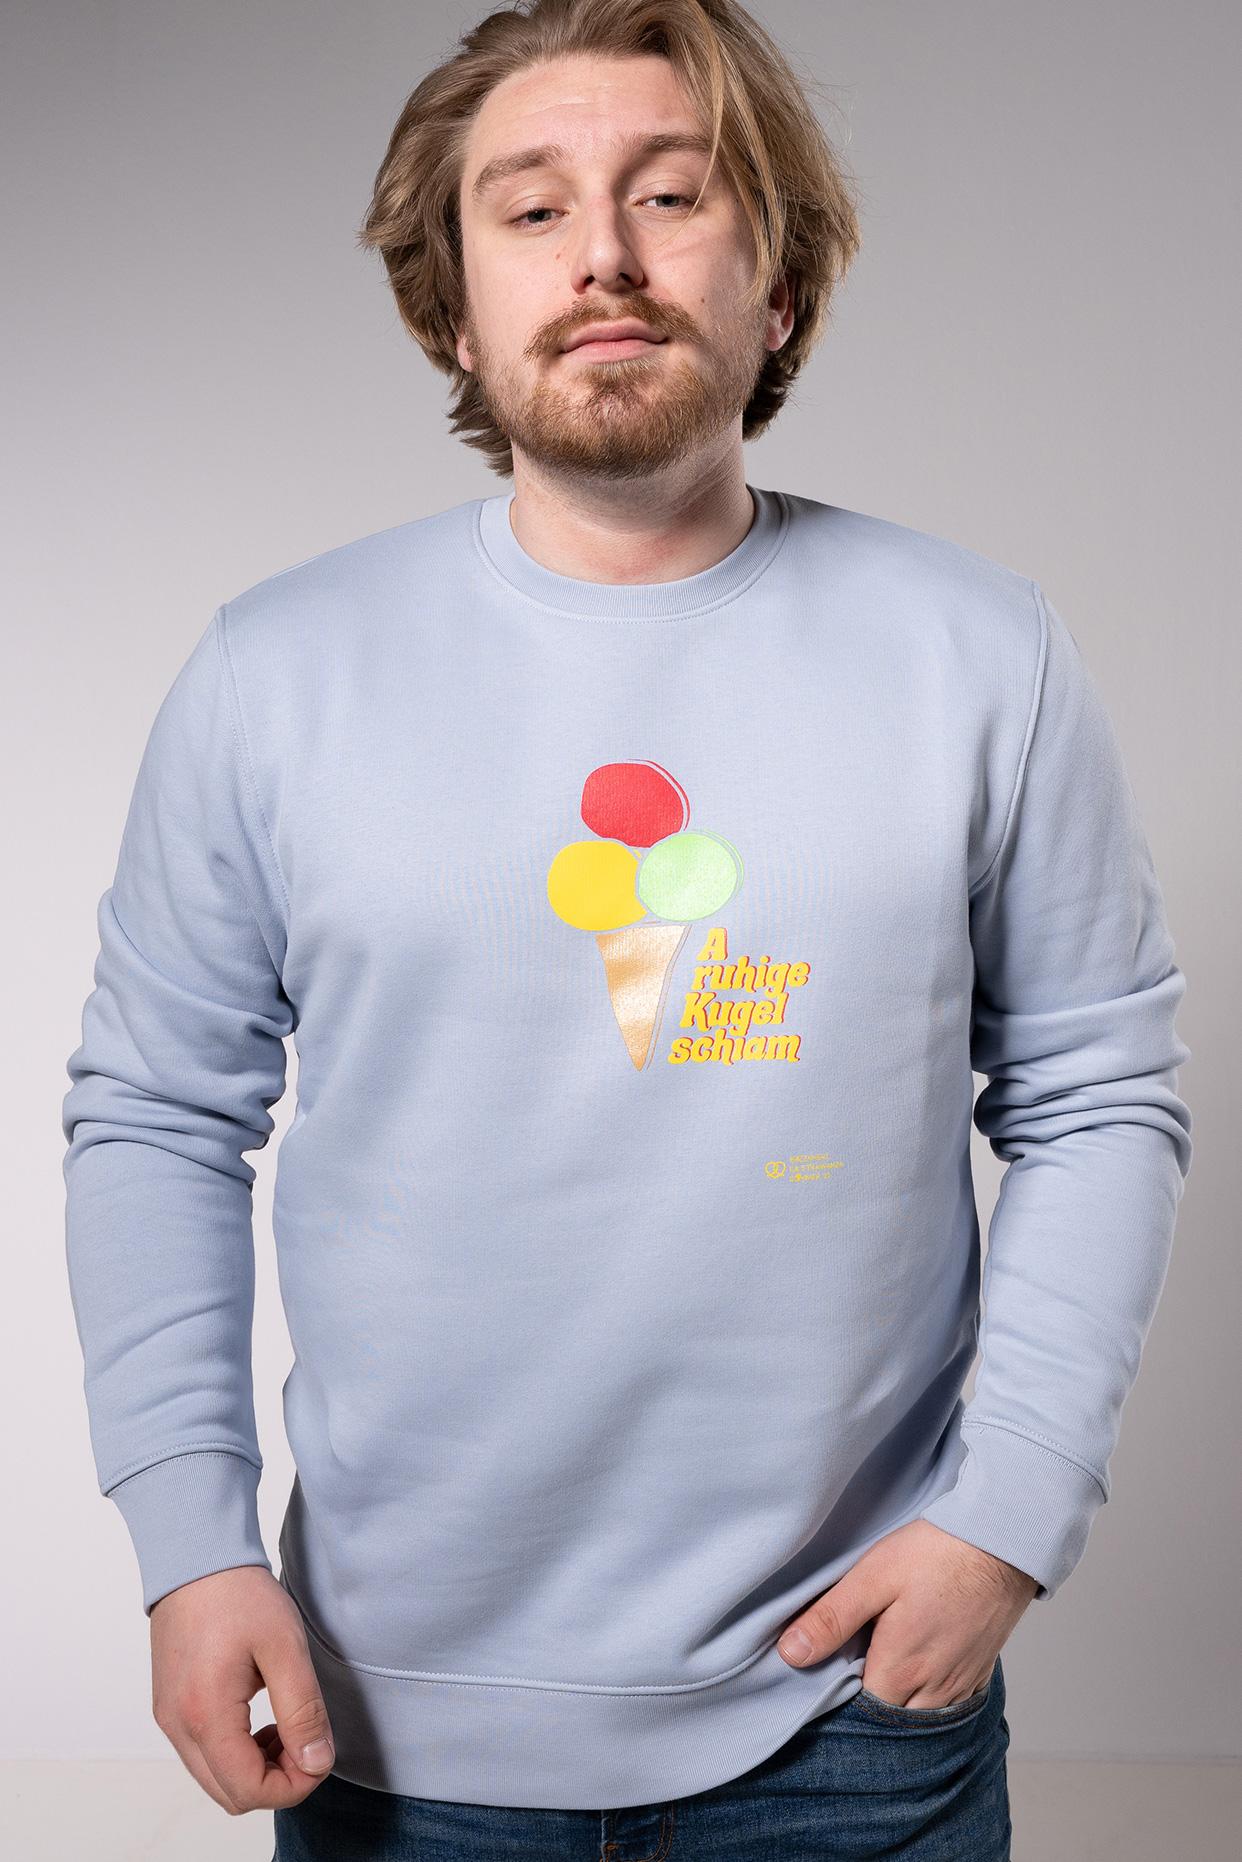 Ruhige Kugel Unisex Sweater